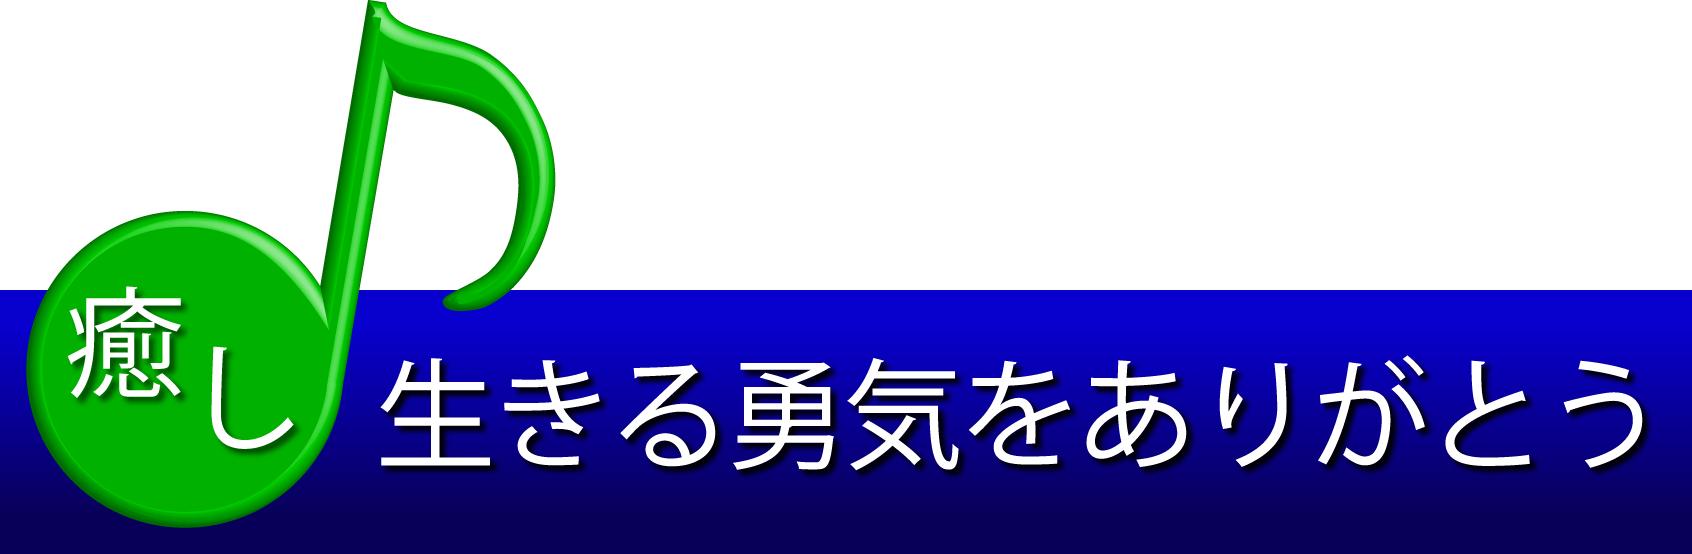 banner_HP-basic01_04_iyashi@2x